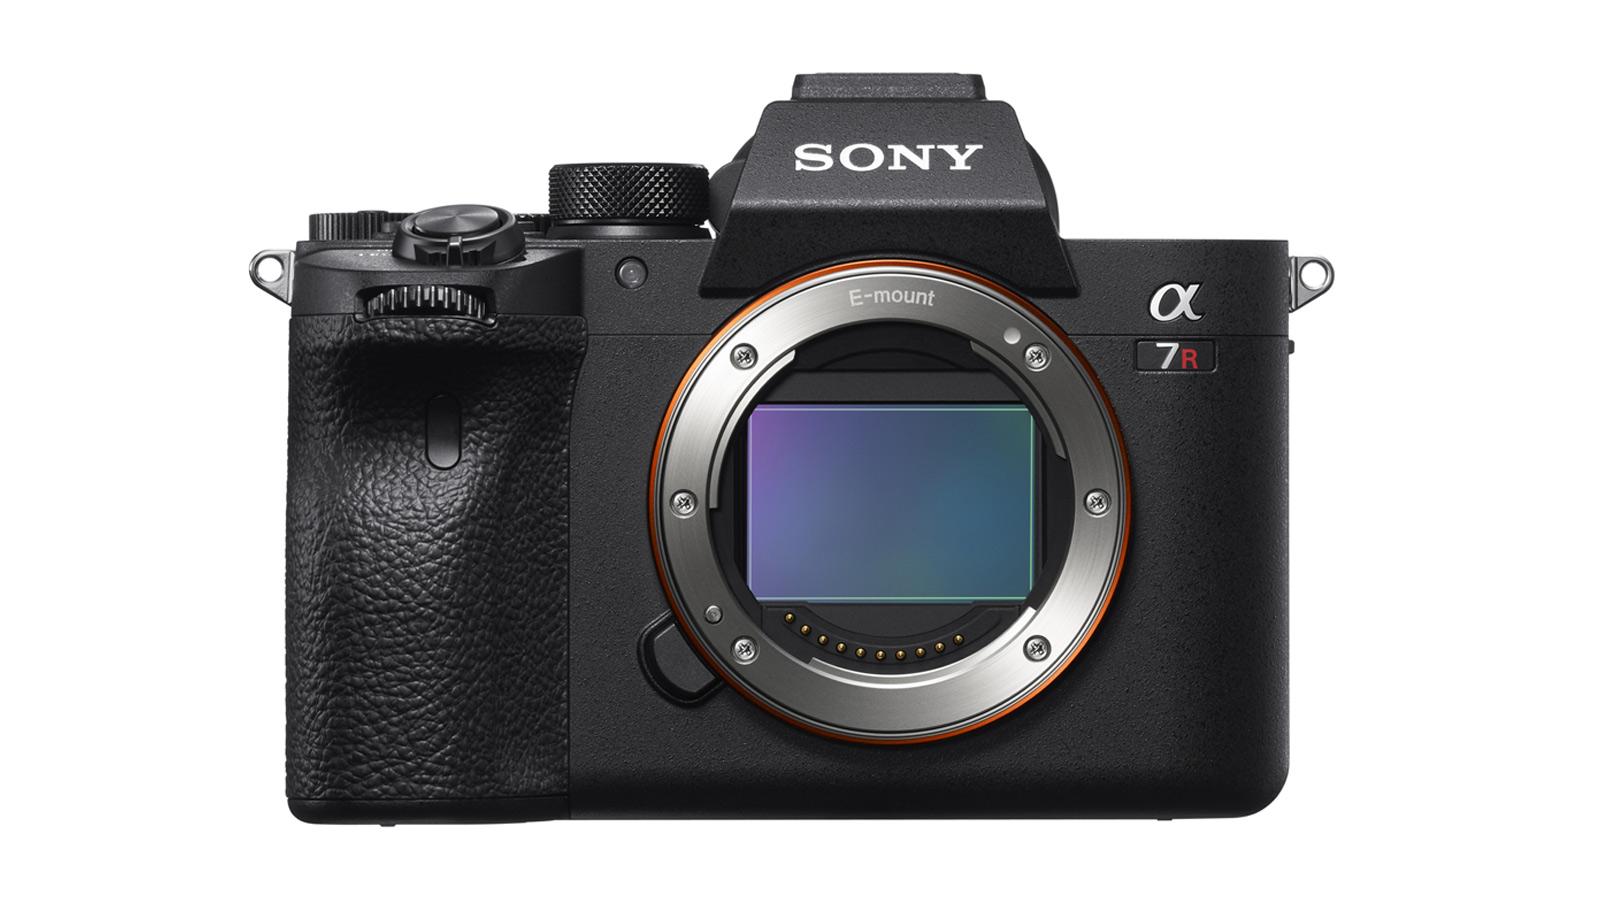 Sony's New A7R Mark IV Features 61.0MP Full-Frame Sensor